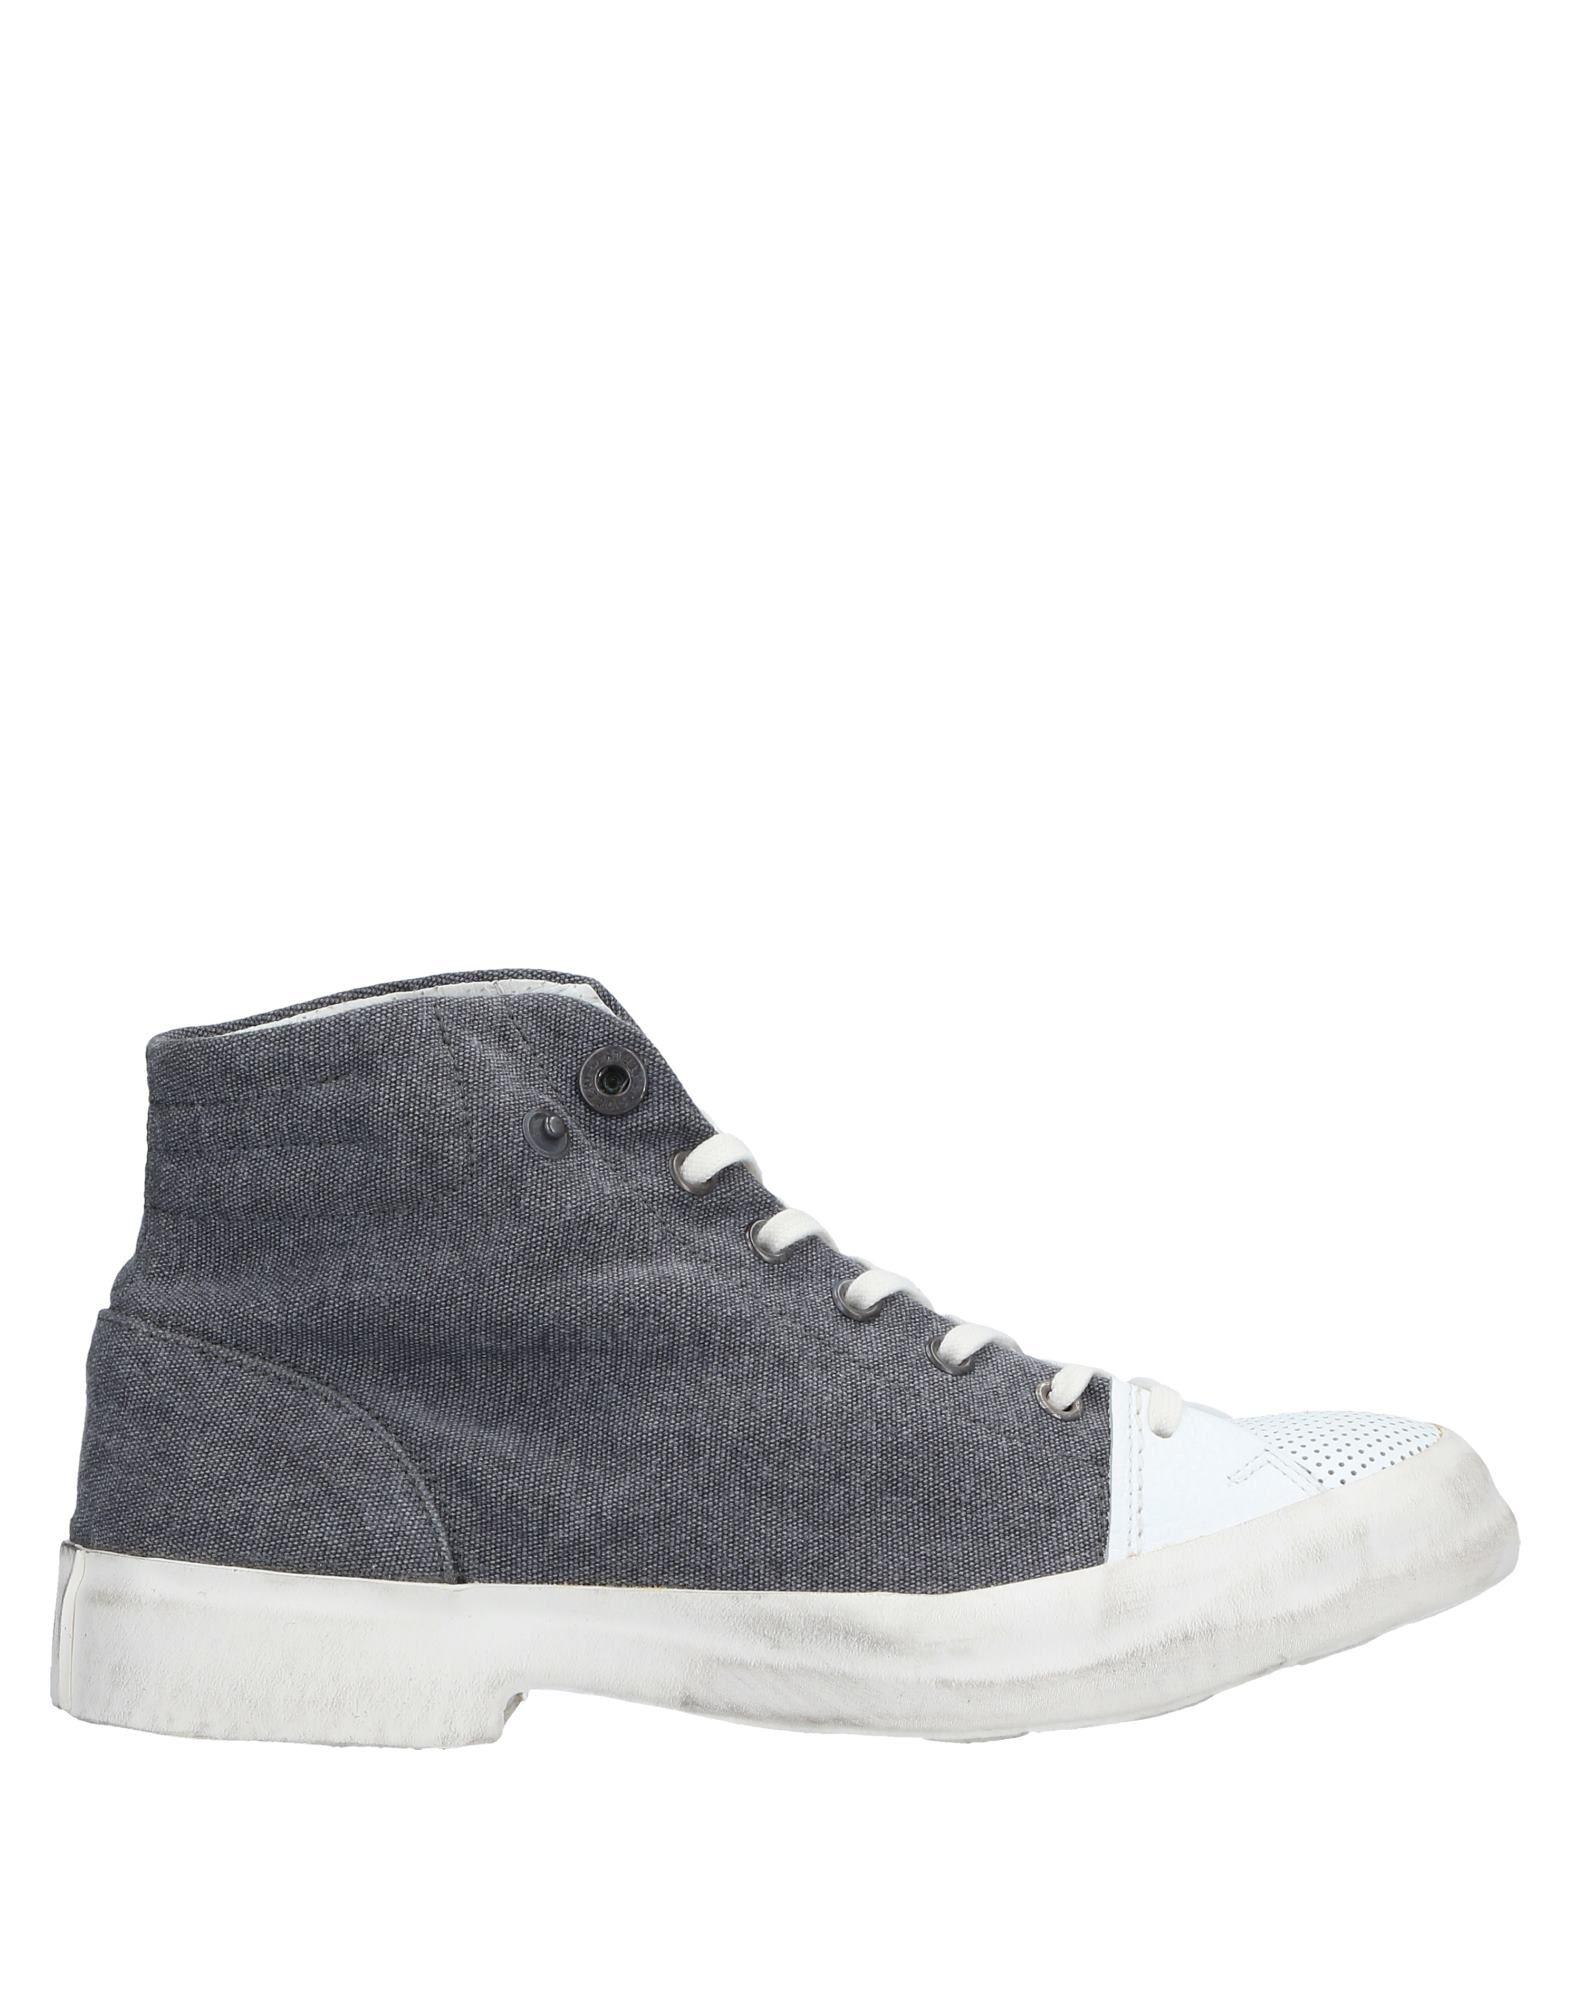 Moda Sneakers O.X.S. Donna - 11527997PK